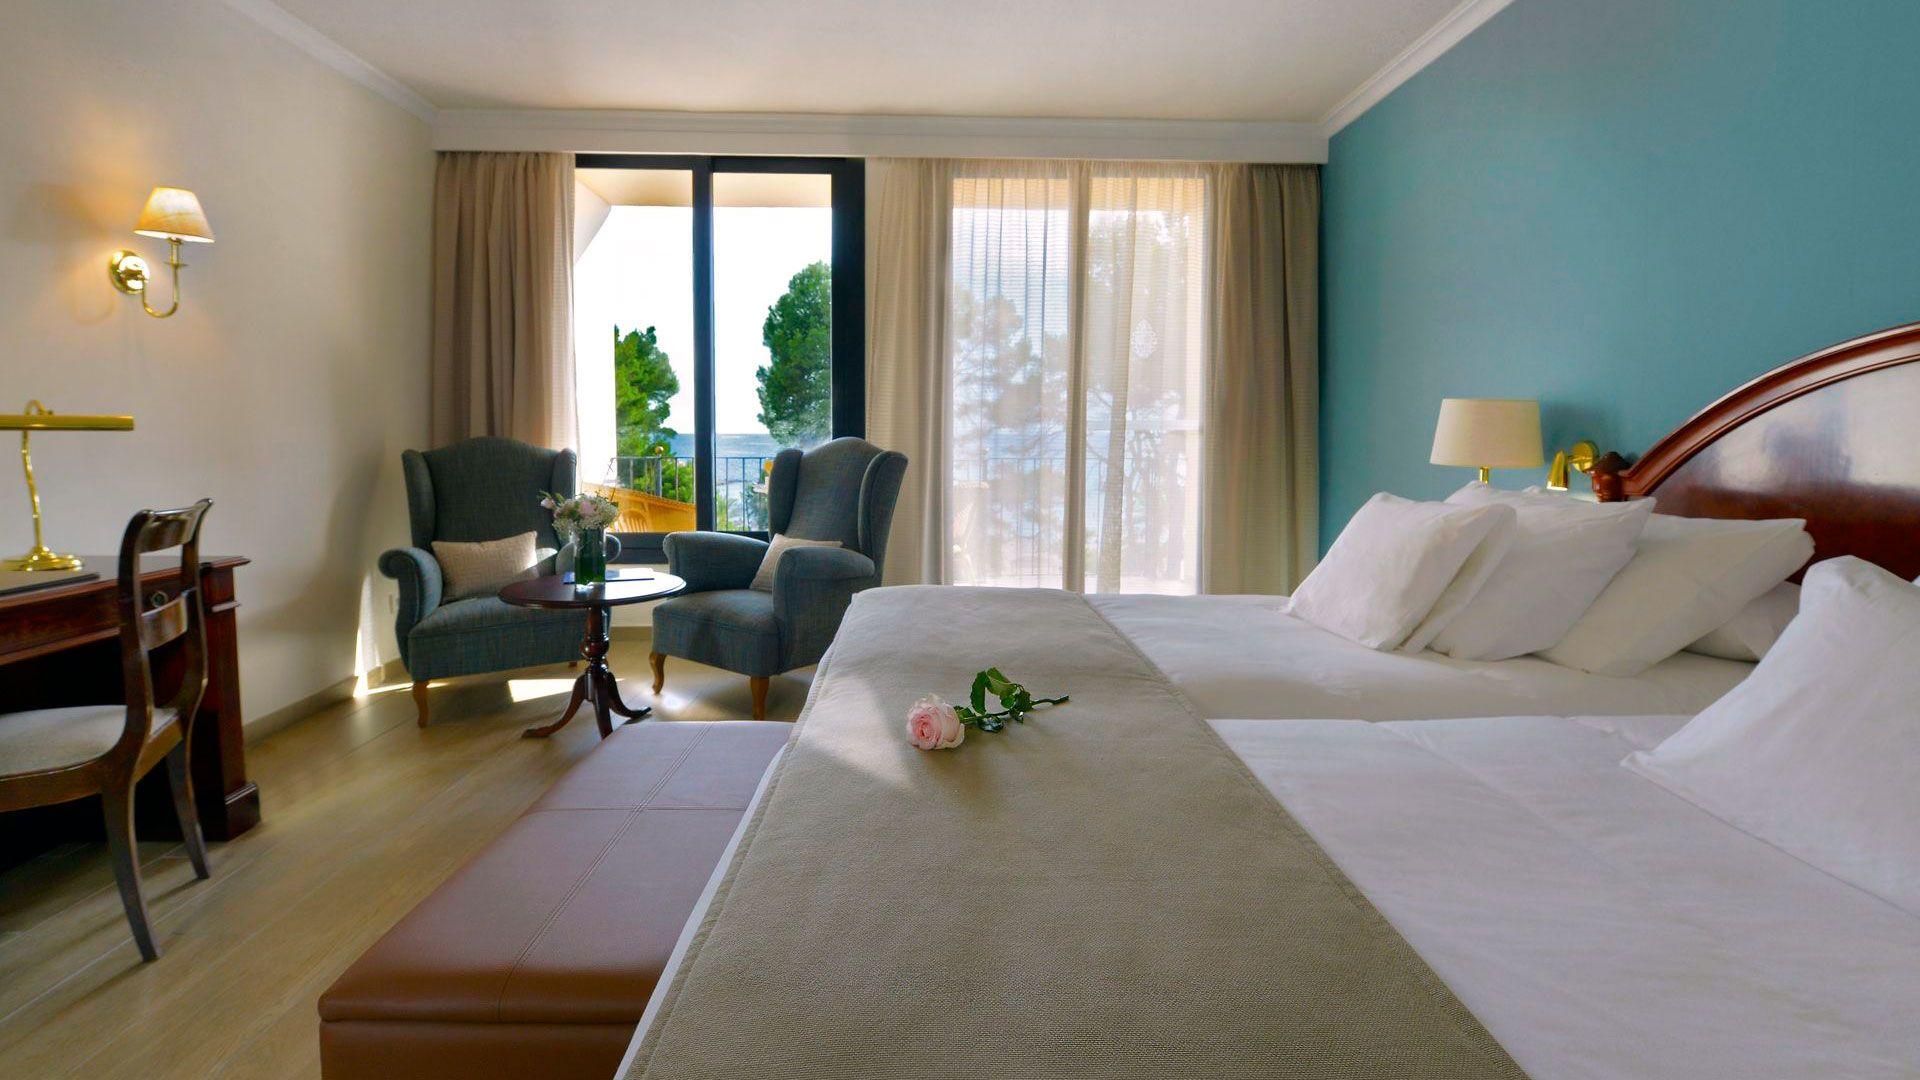 gentleman house hotel med spa på værelset